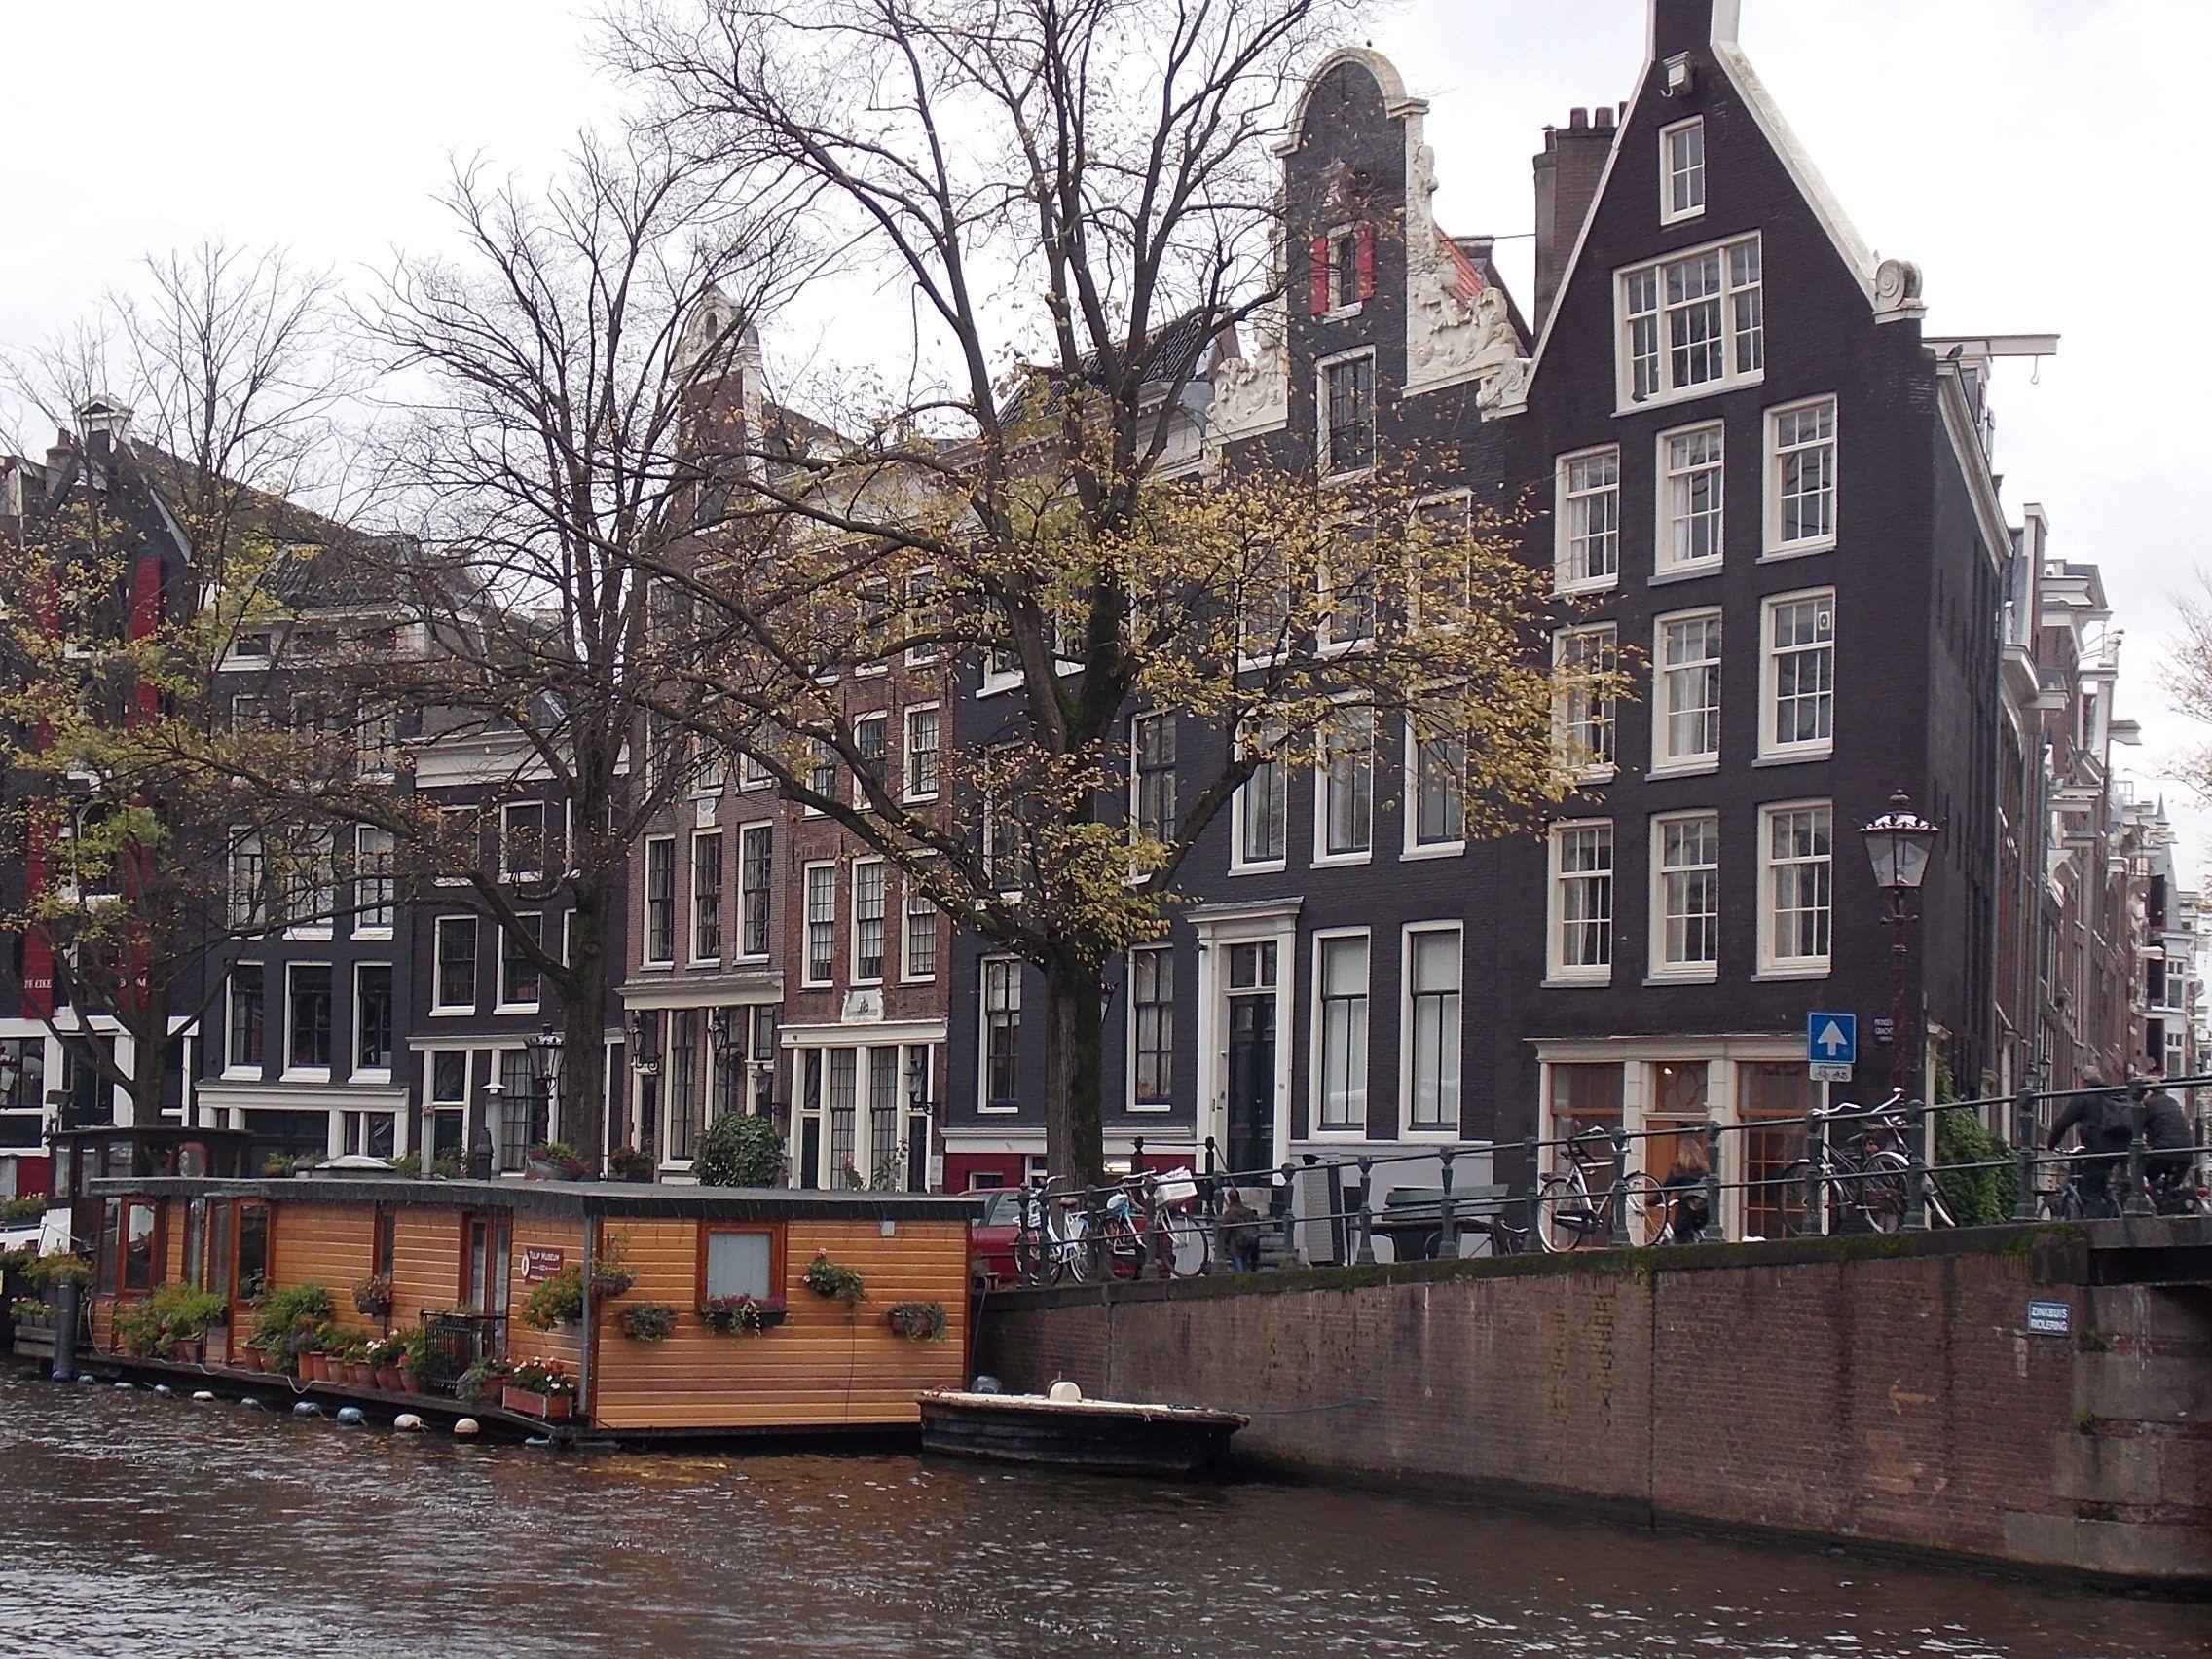 así se siente Amsterdam en un día otoñal